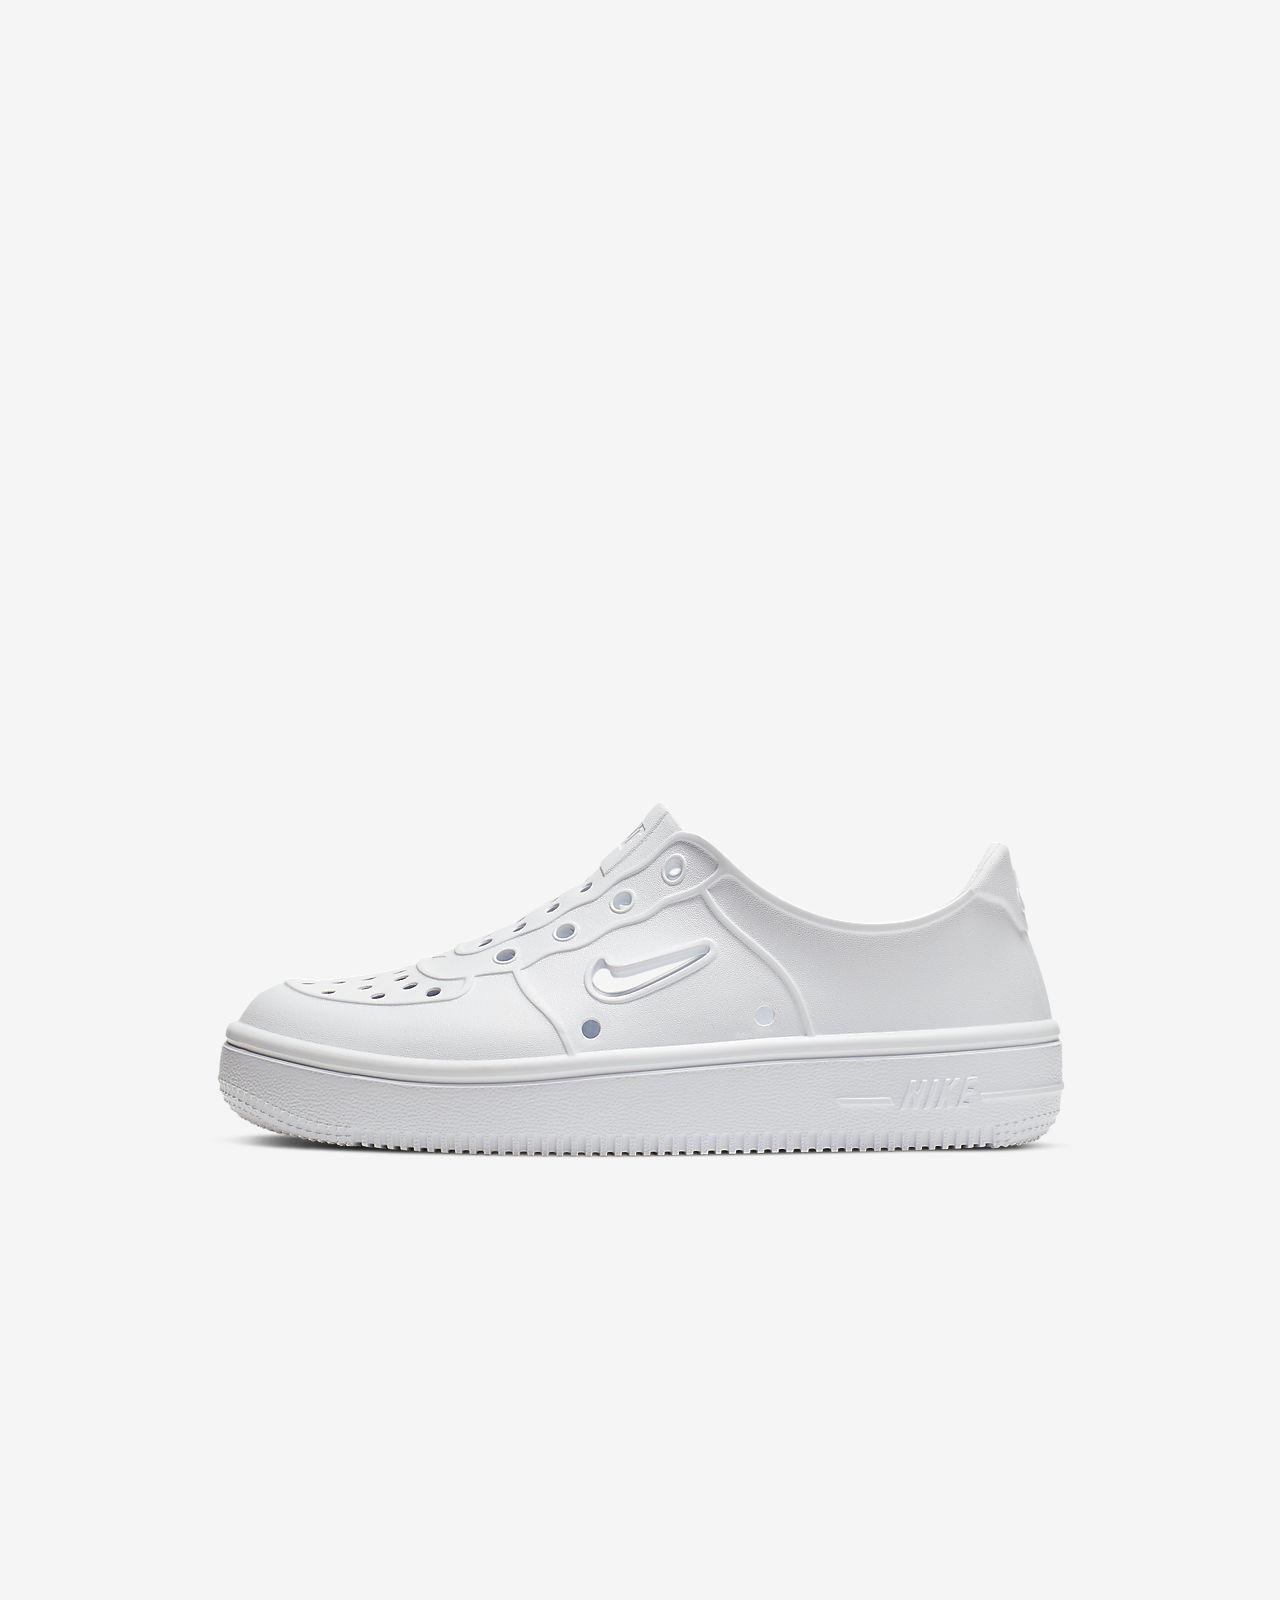 Nike Foam Force 1 Küçük Çocuk Ayakkabısı